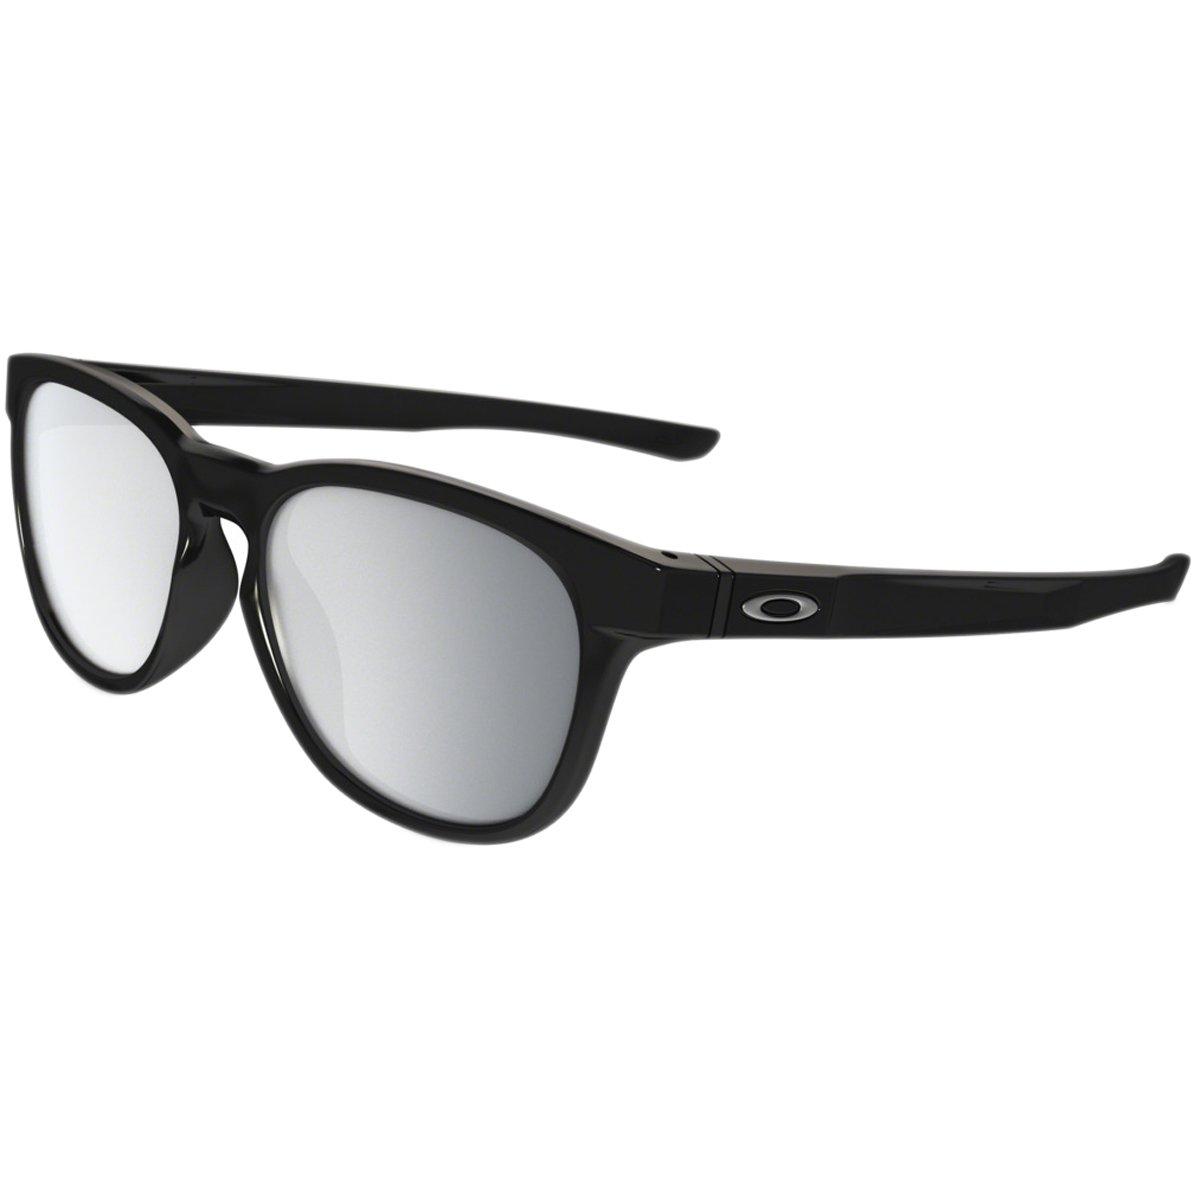 Oakley Stringer Sunglasses, Polished Black/Chrome Iridium, One Size by Oakley